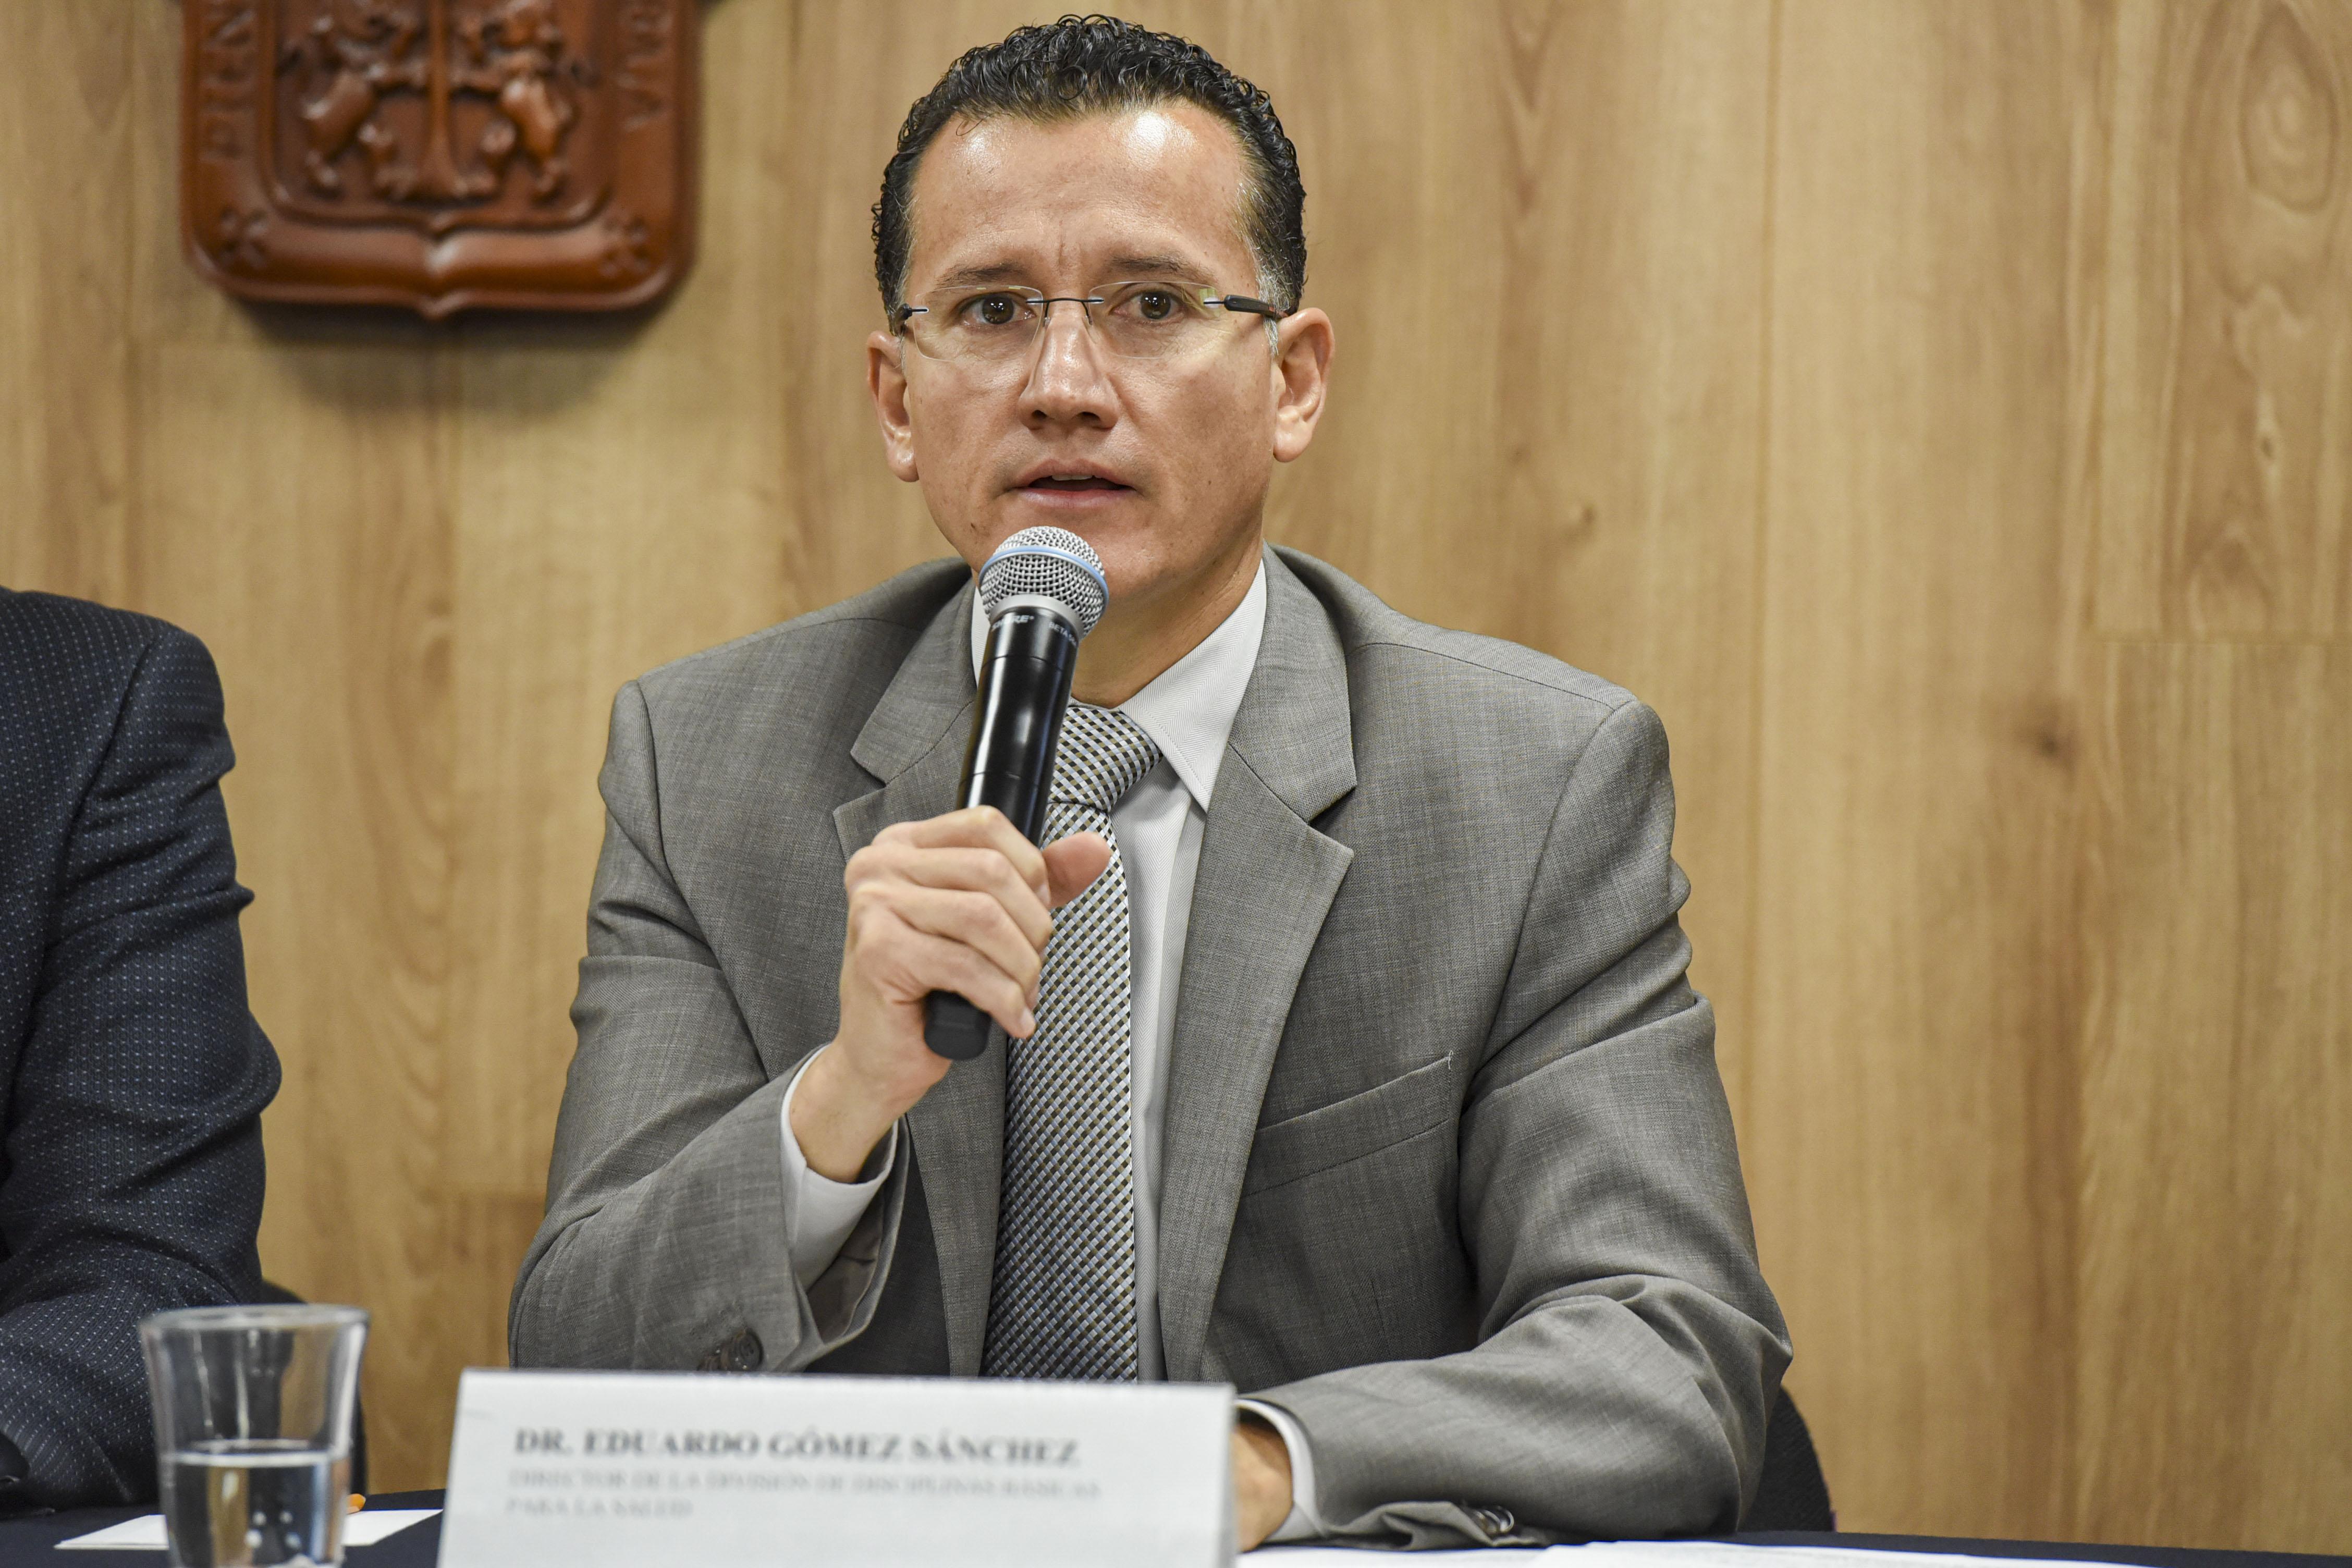 Director División Disciplinas Clínicas haciendo uso del micrófono durante rueda de prensa